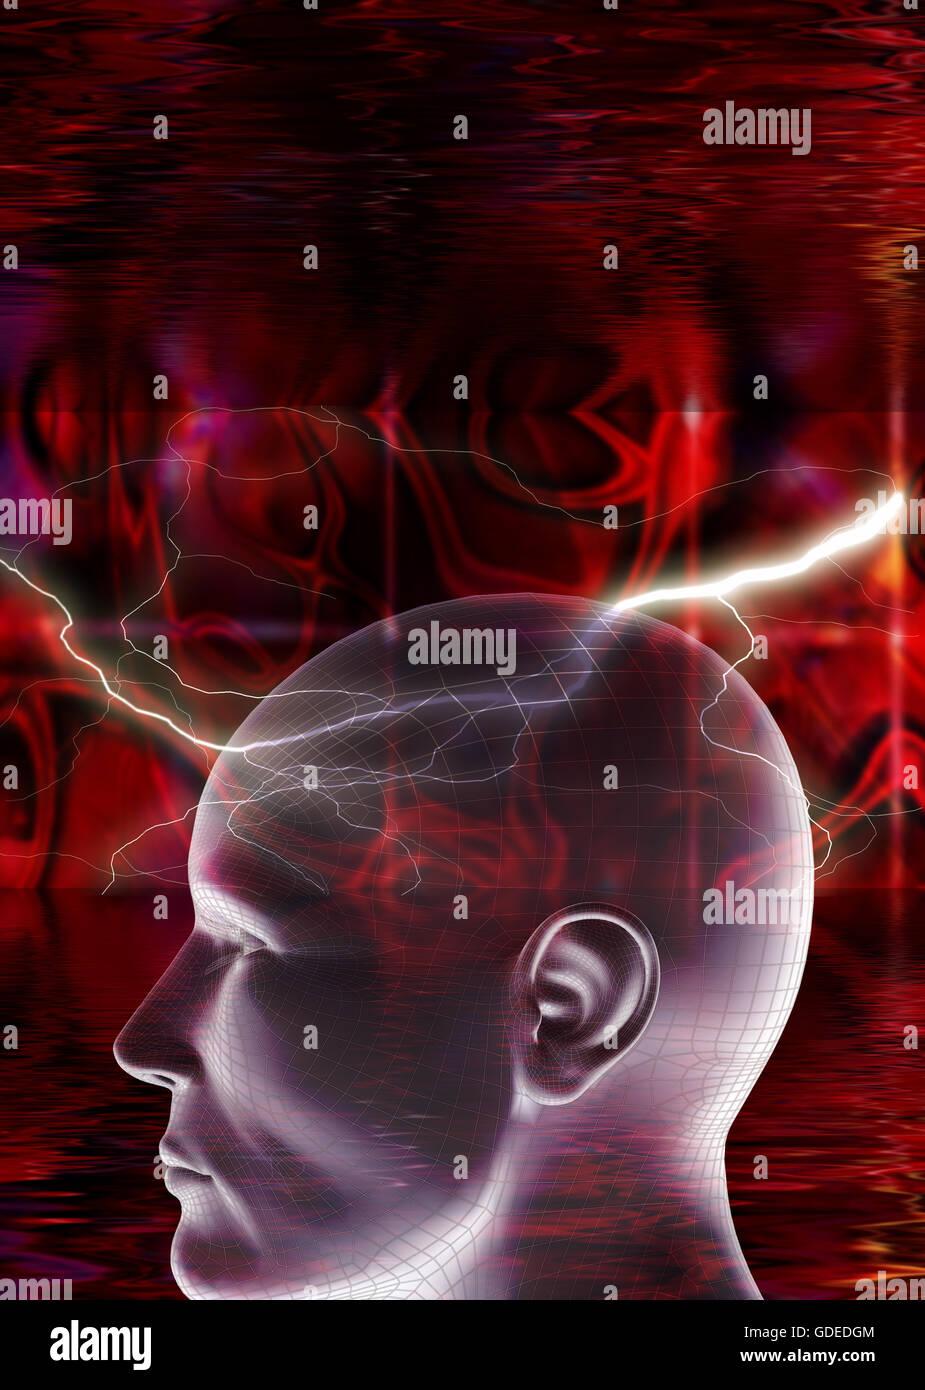 Cabeza humana con un fondo rojo abstracto Imagen De Stock